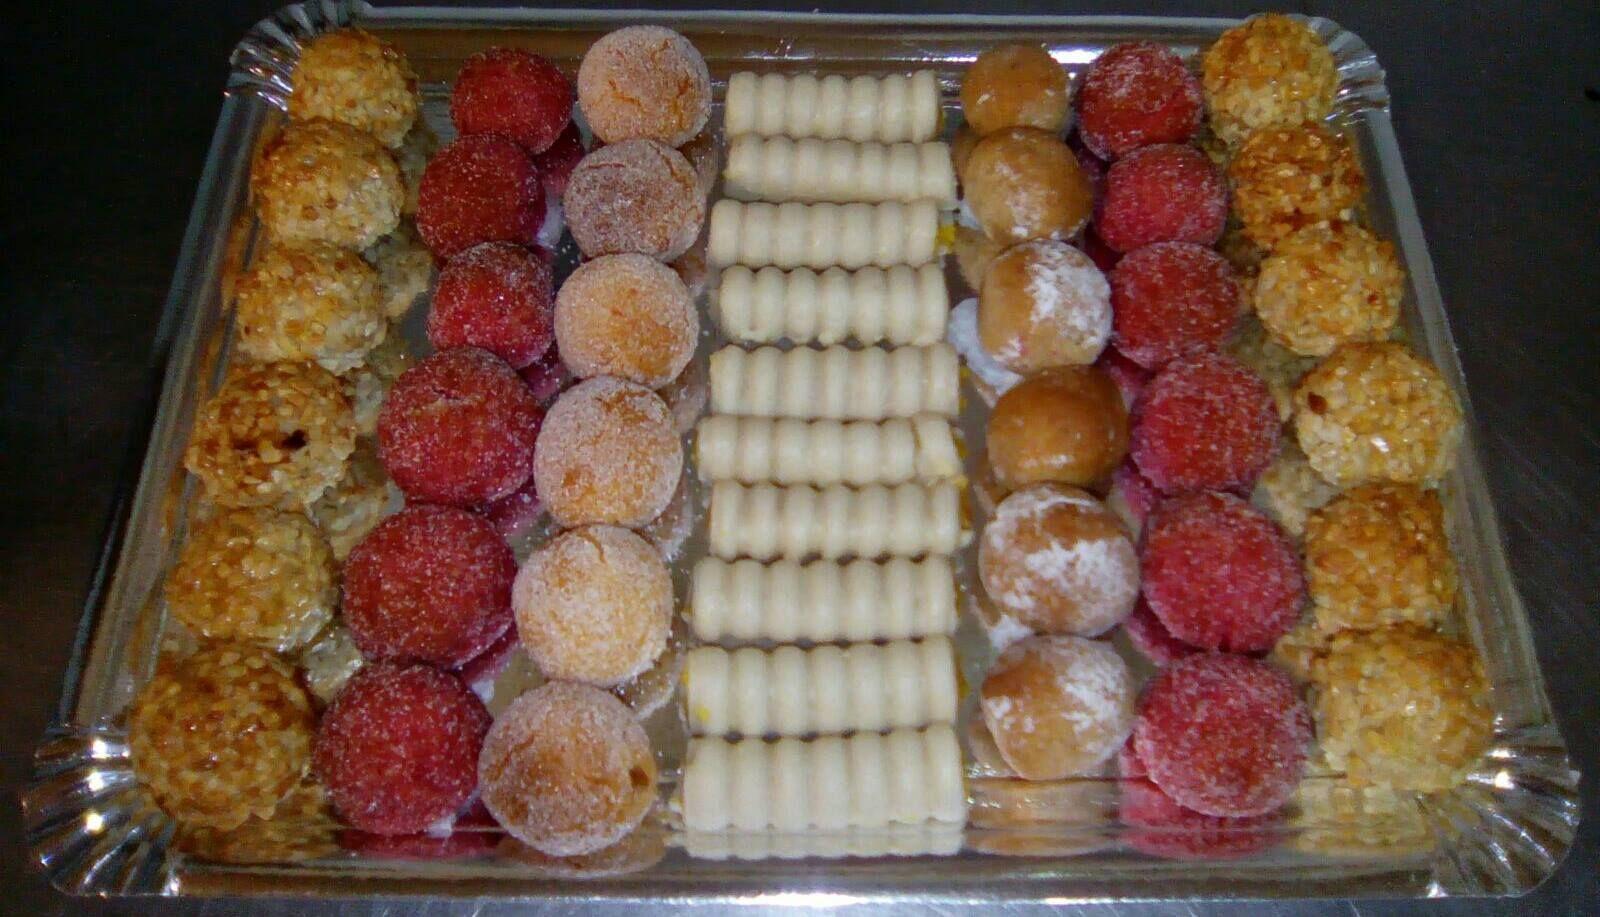 Foto 16 de Panaderías en València | Forn Pastisseria Tonet i Roseta